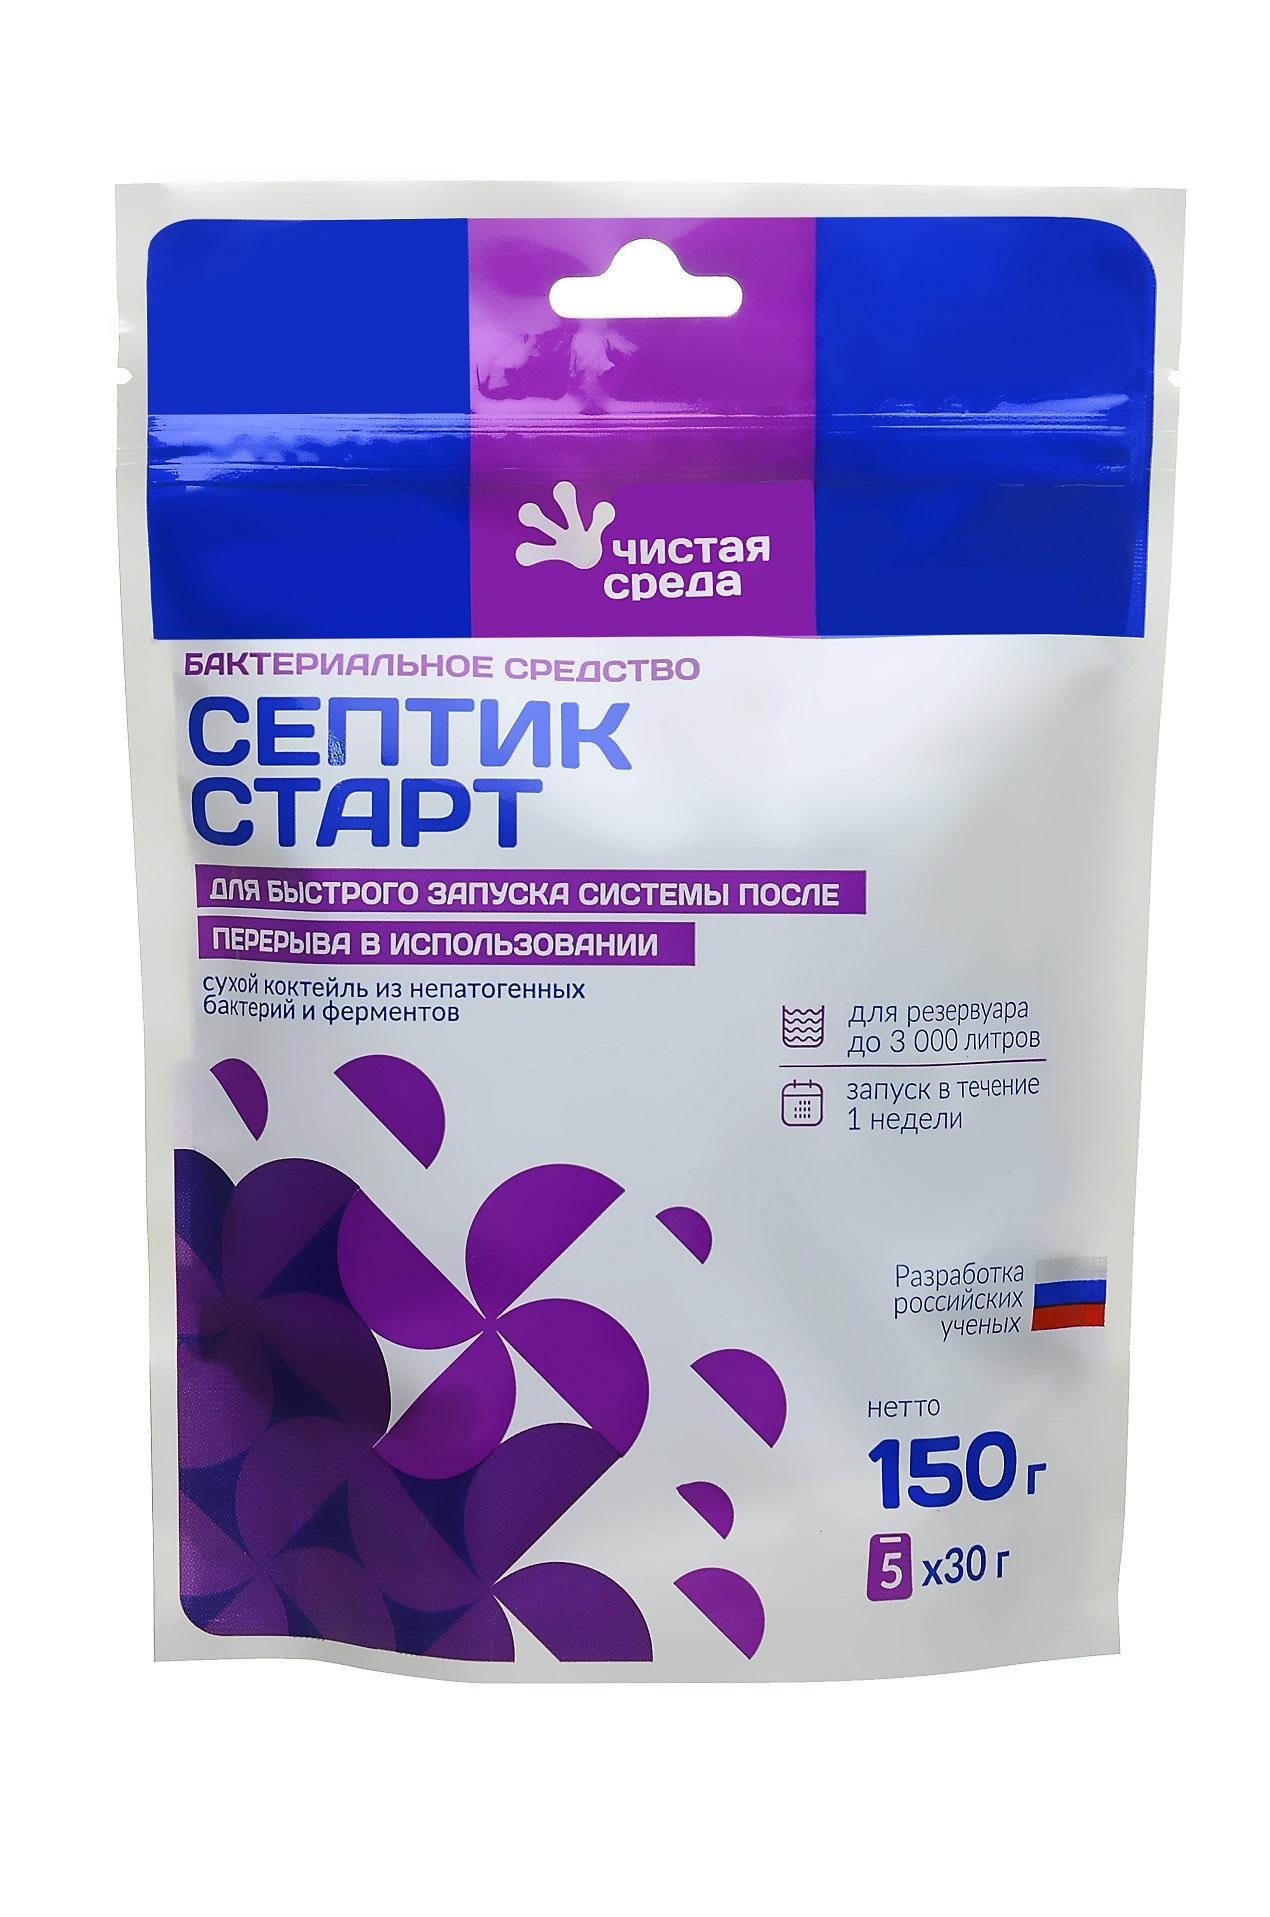 Средство биоактиватор для септика Чистая среда, 150 гр.